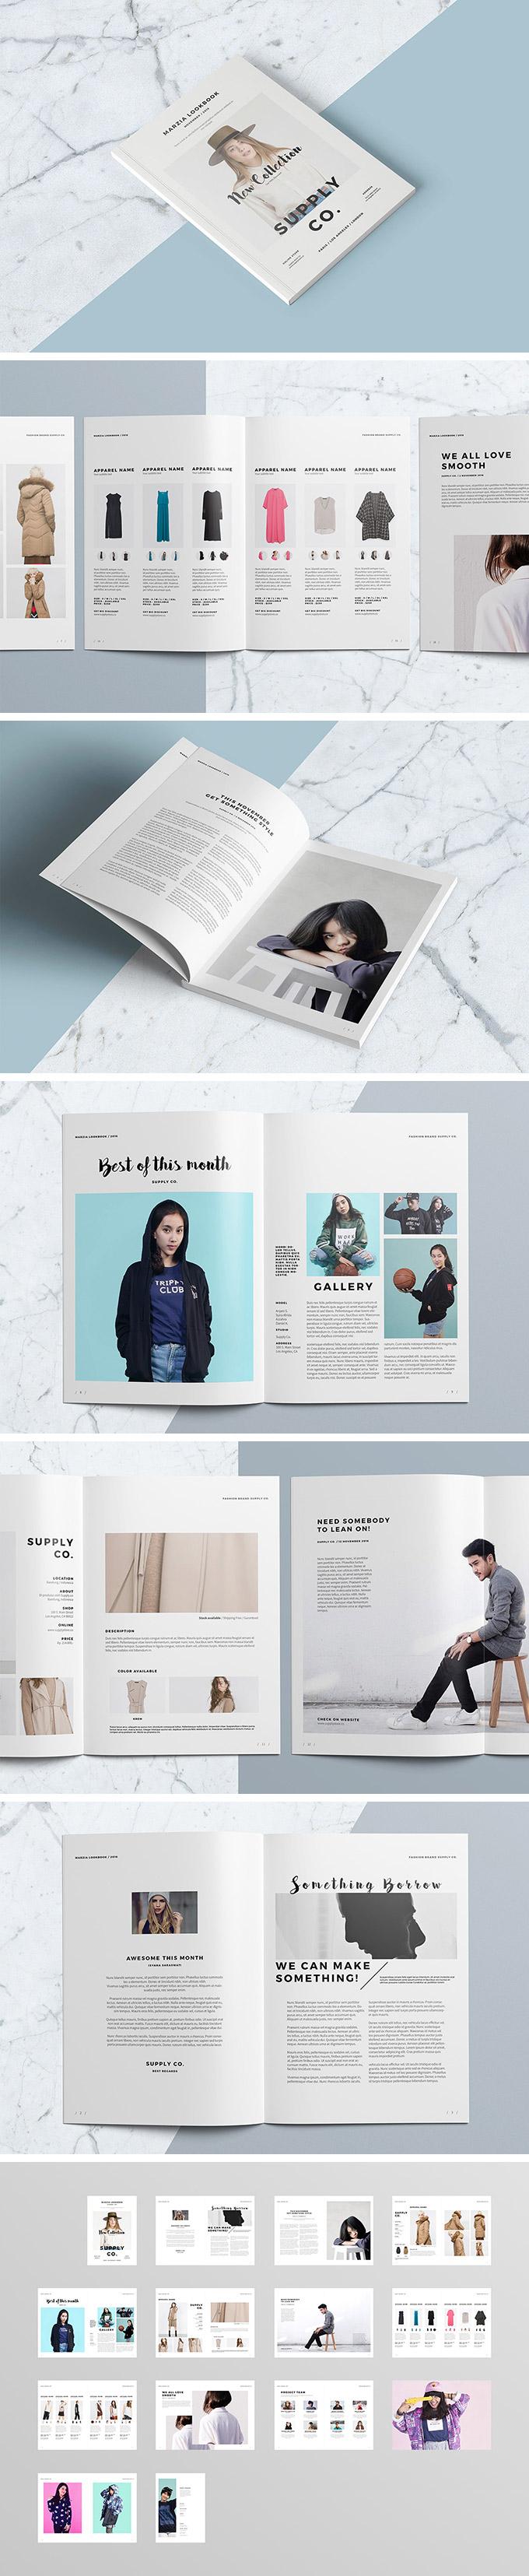 时尚的InDesign杂志画册设计模版下载设计素材模板